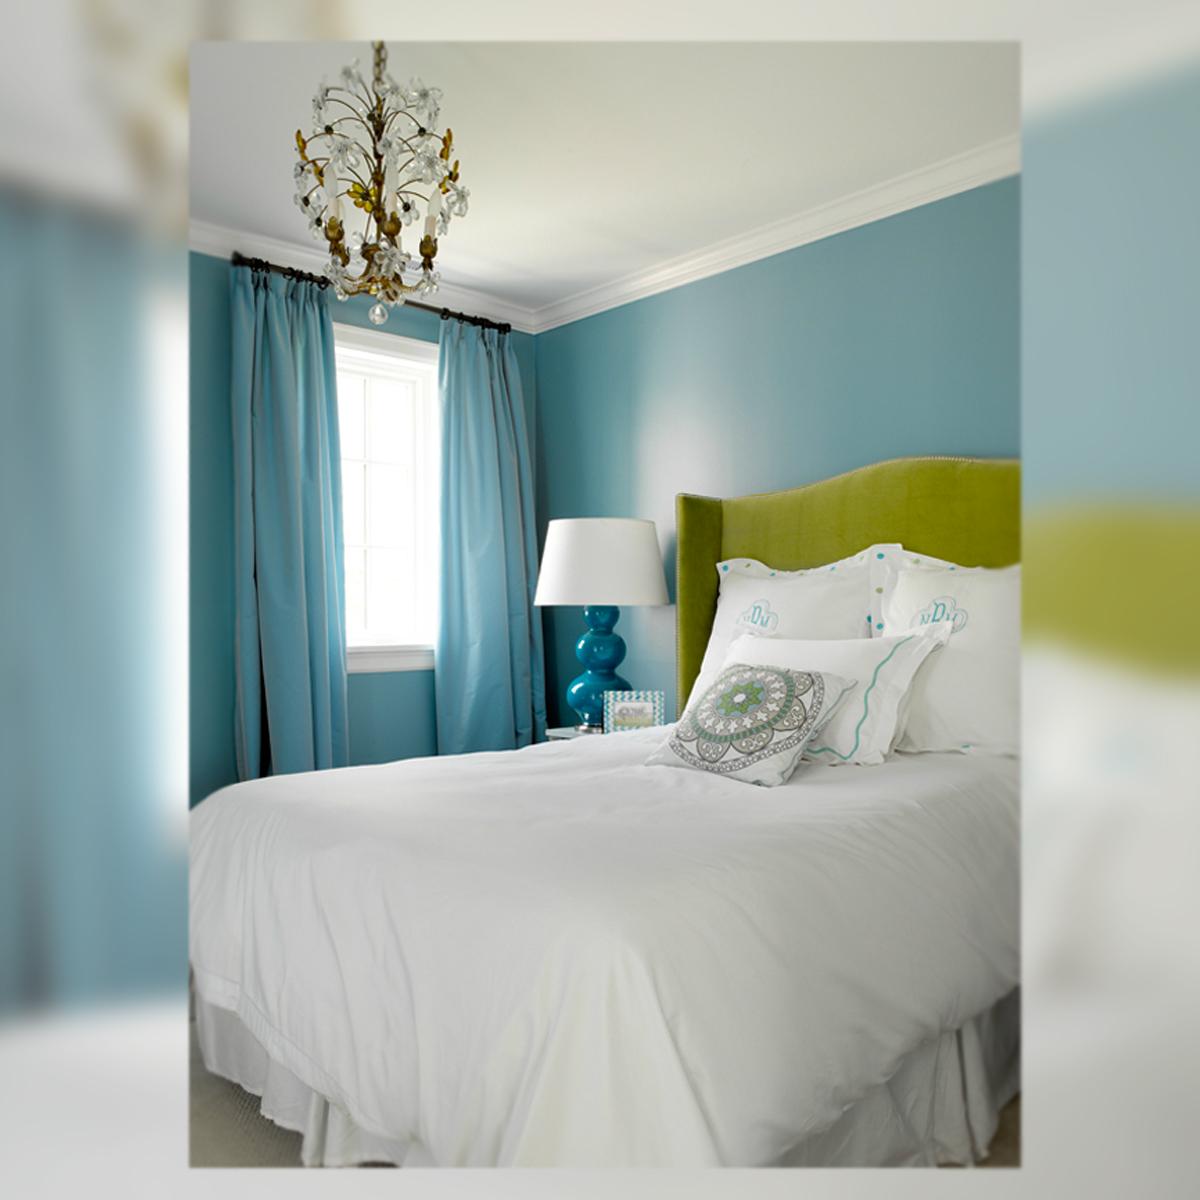 Decoraci n interior en verde azul y gris la musa for Pintura gris para interiores